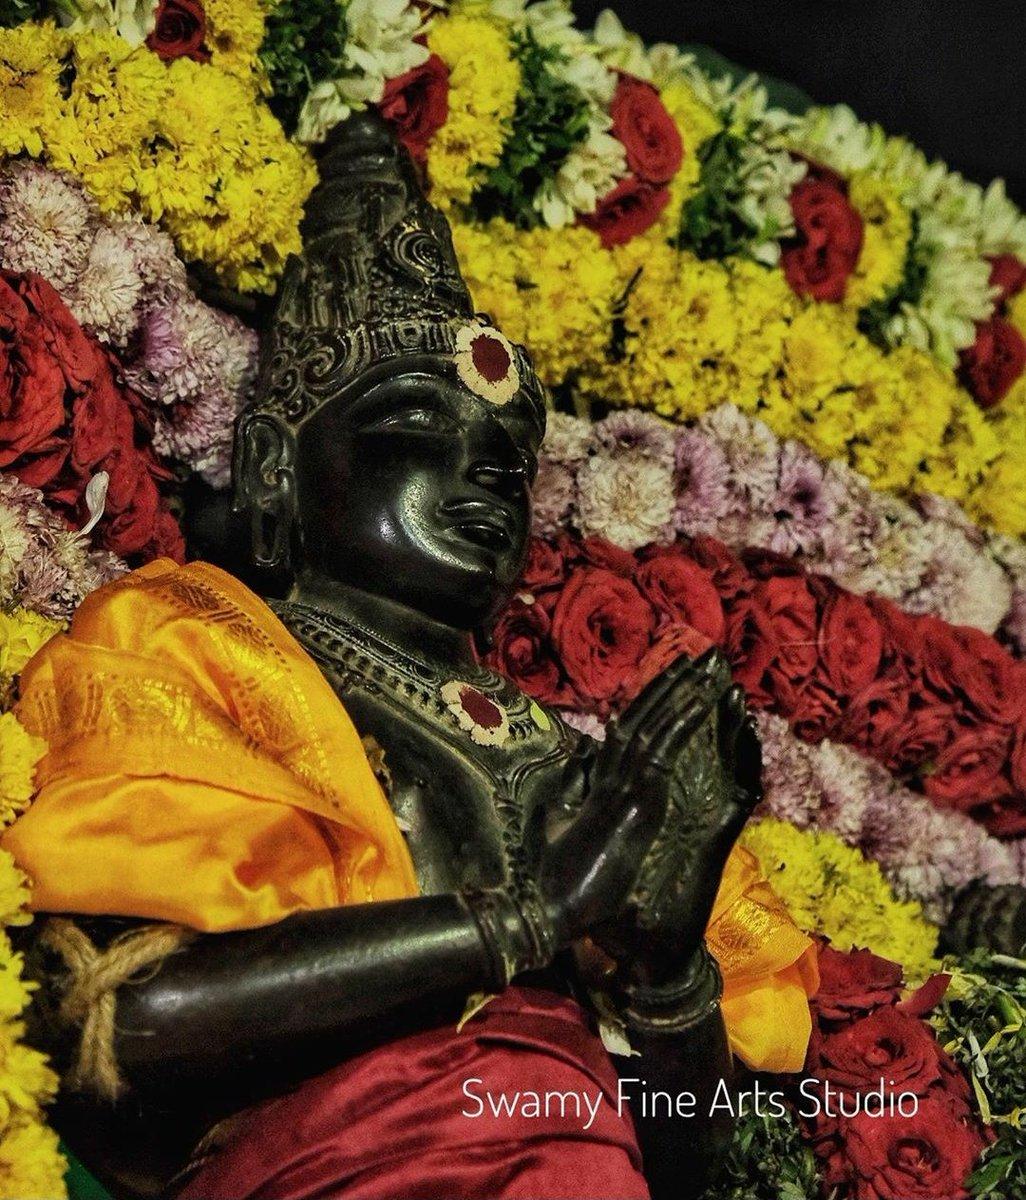 #AllAbtBigTempleConsecration #Rajarajan https://t.co/77u2ibRdwx